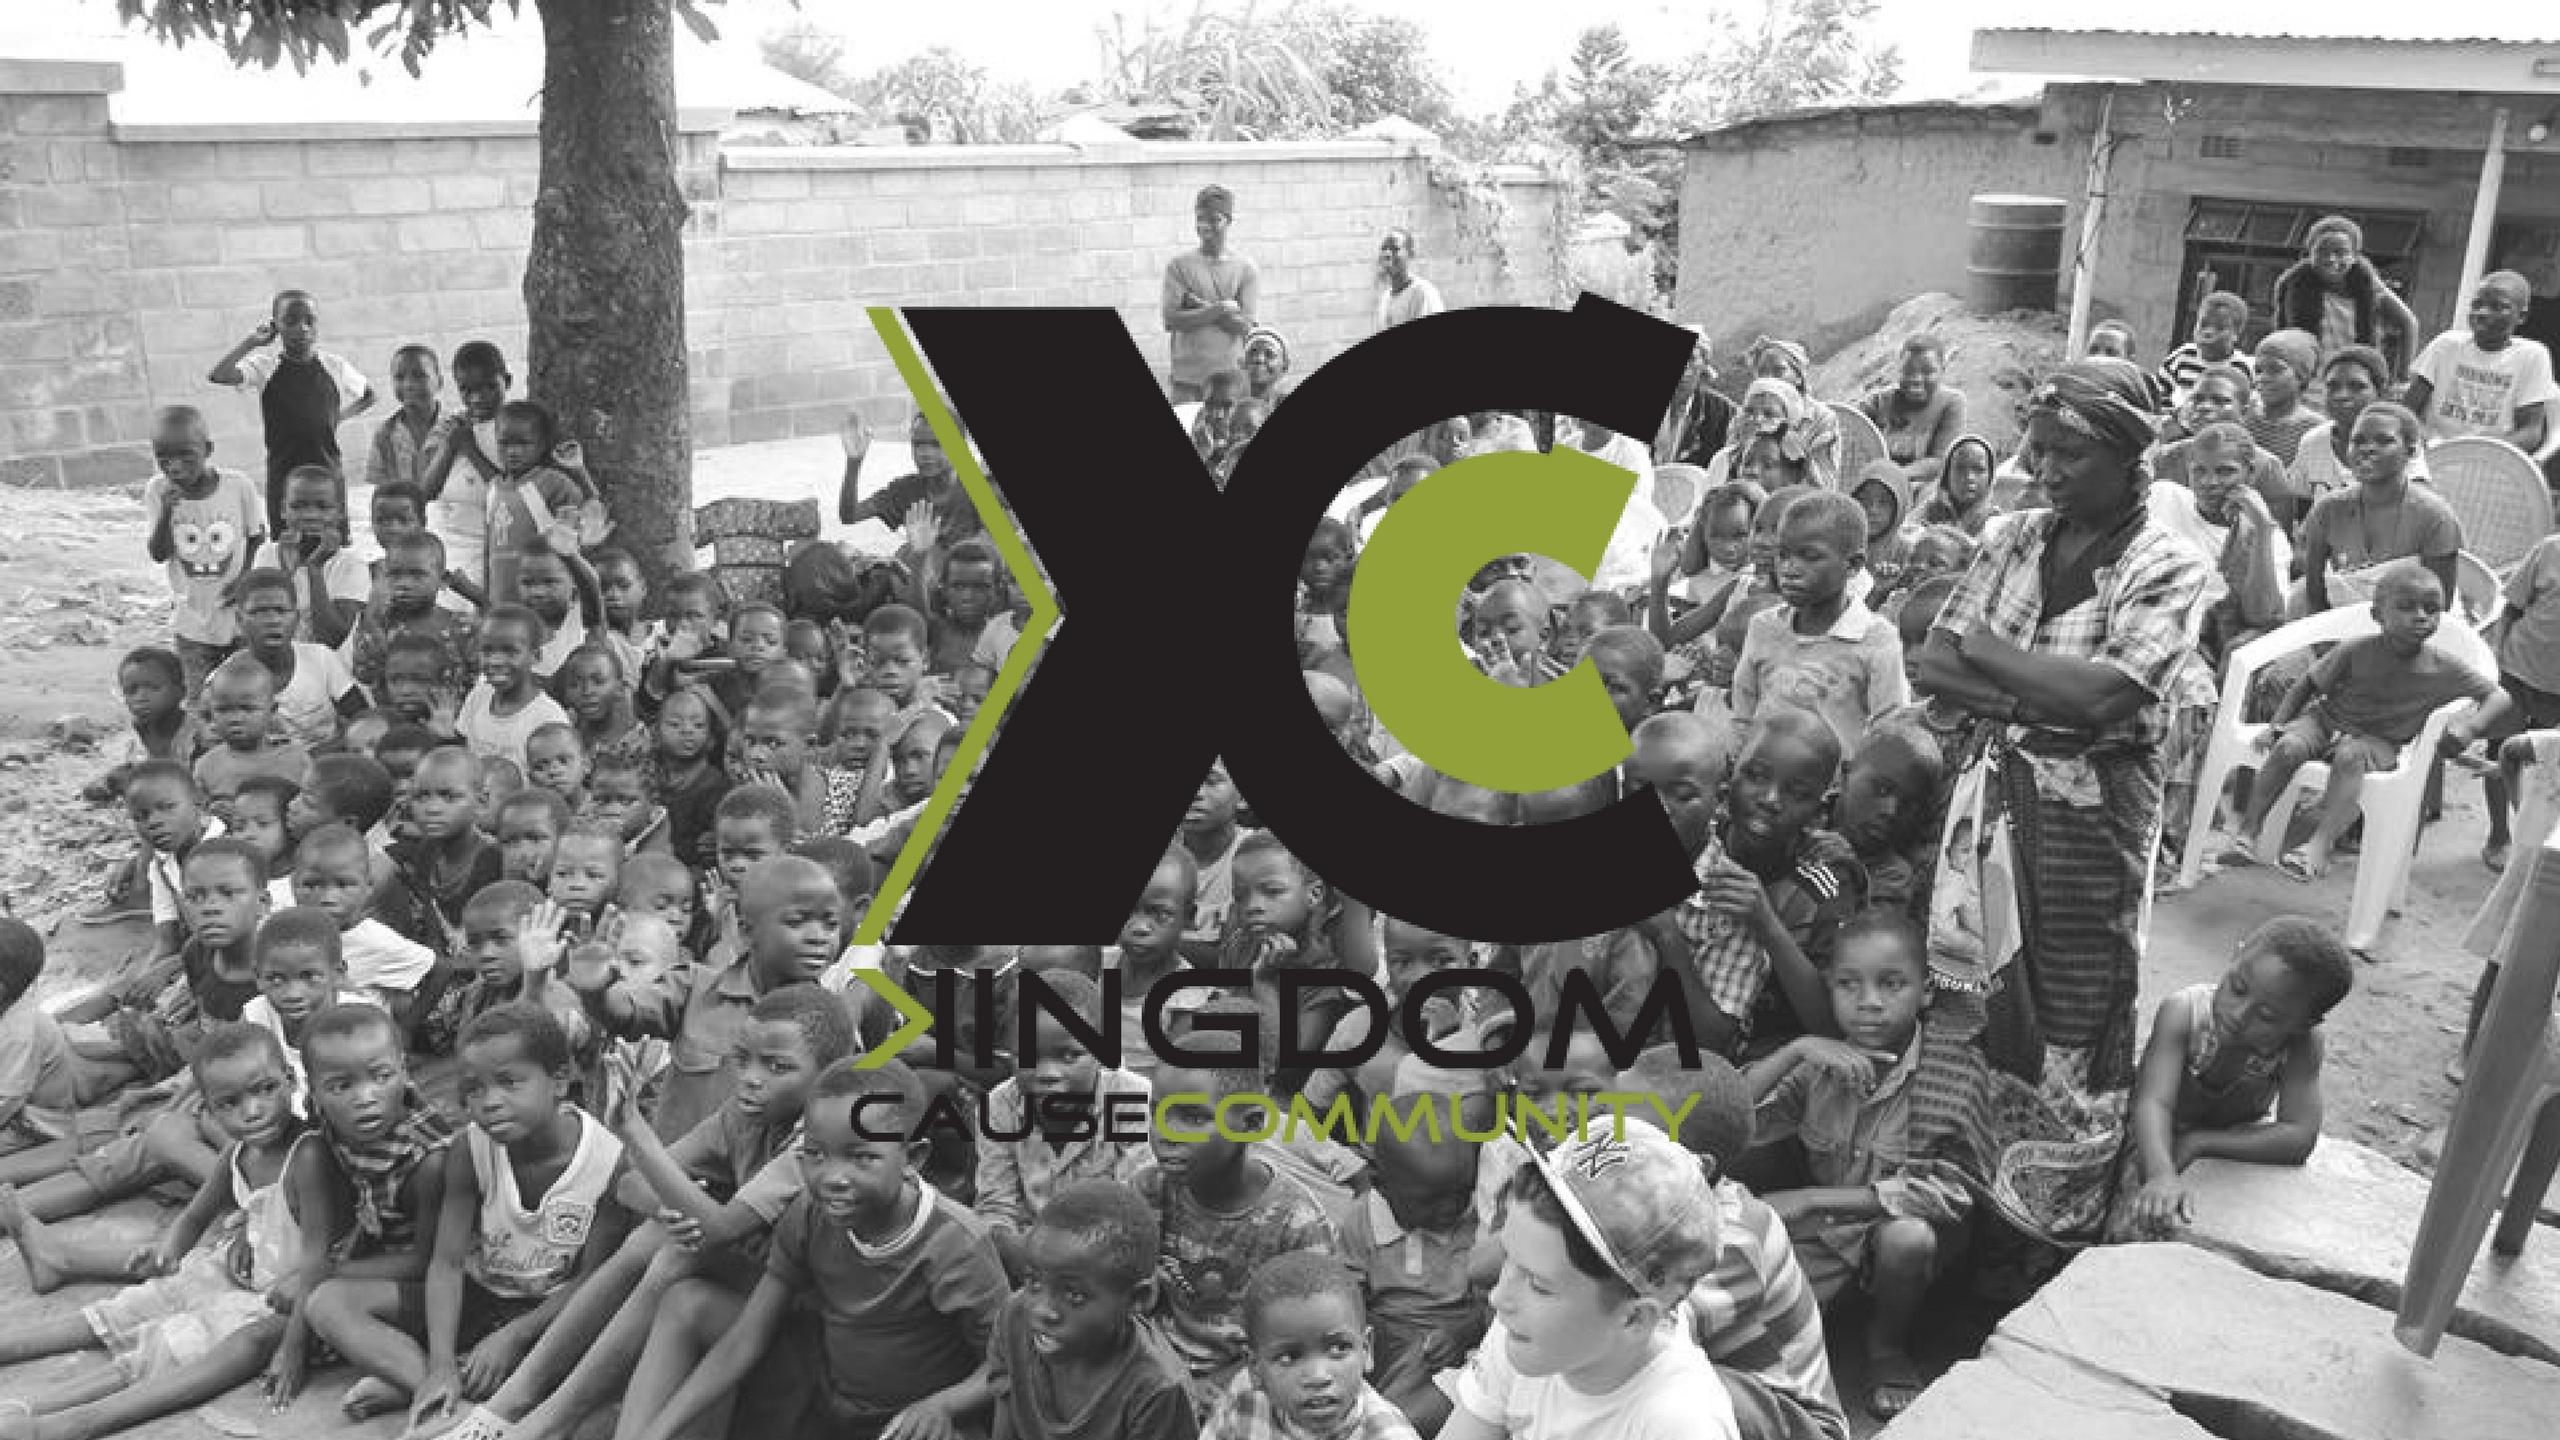 KCC Main Image